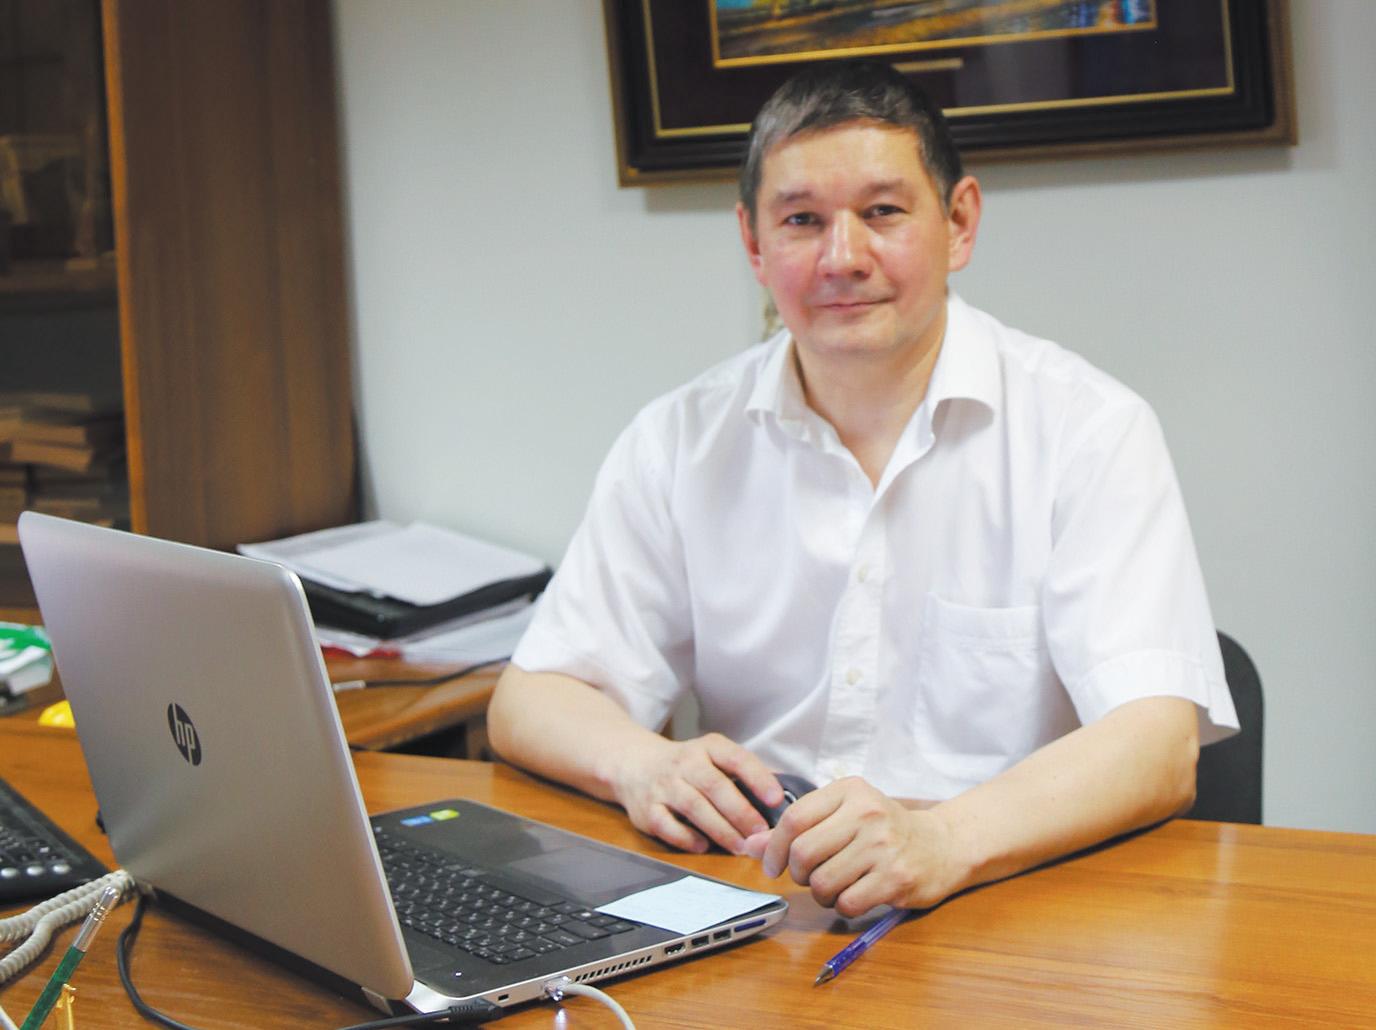 Интервью Президента Группы компаний СПЛИТСТОУН газете «Алга, Строитель»